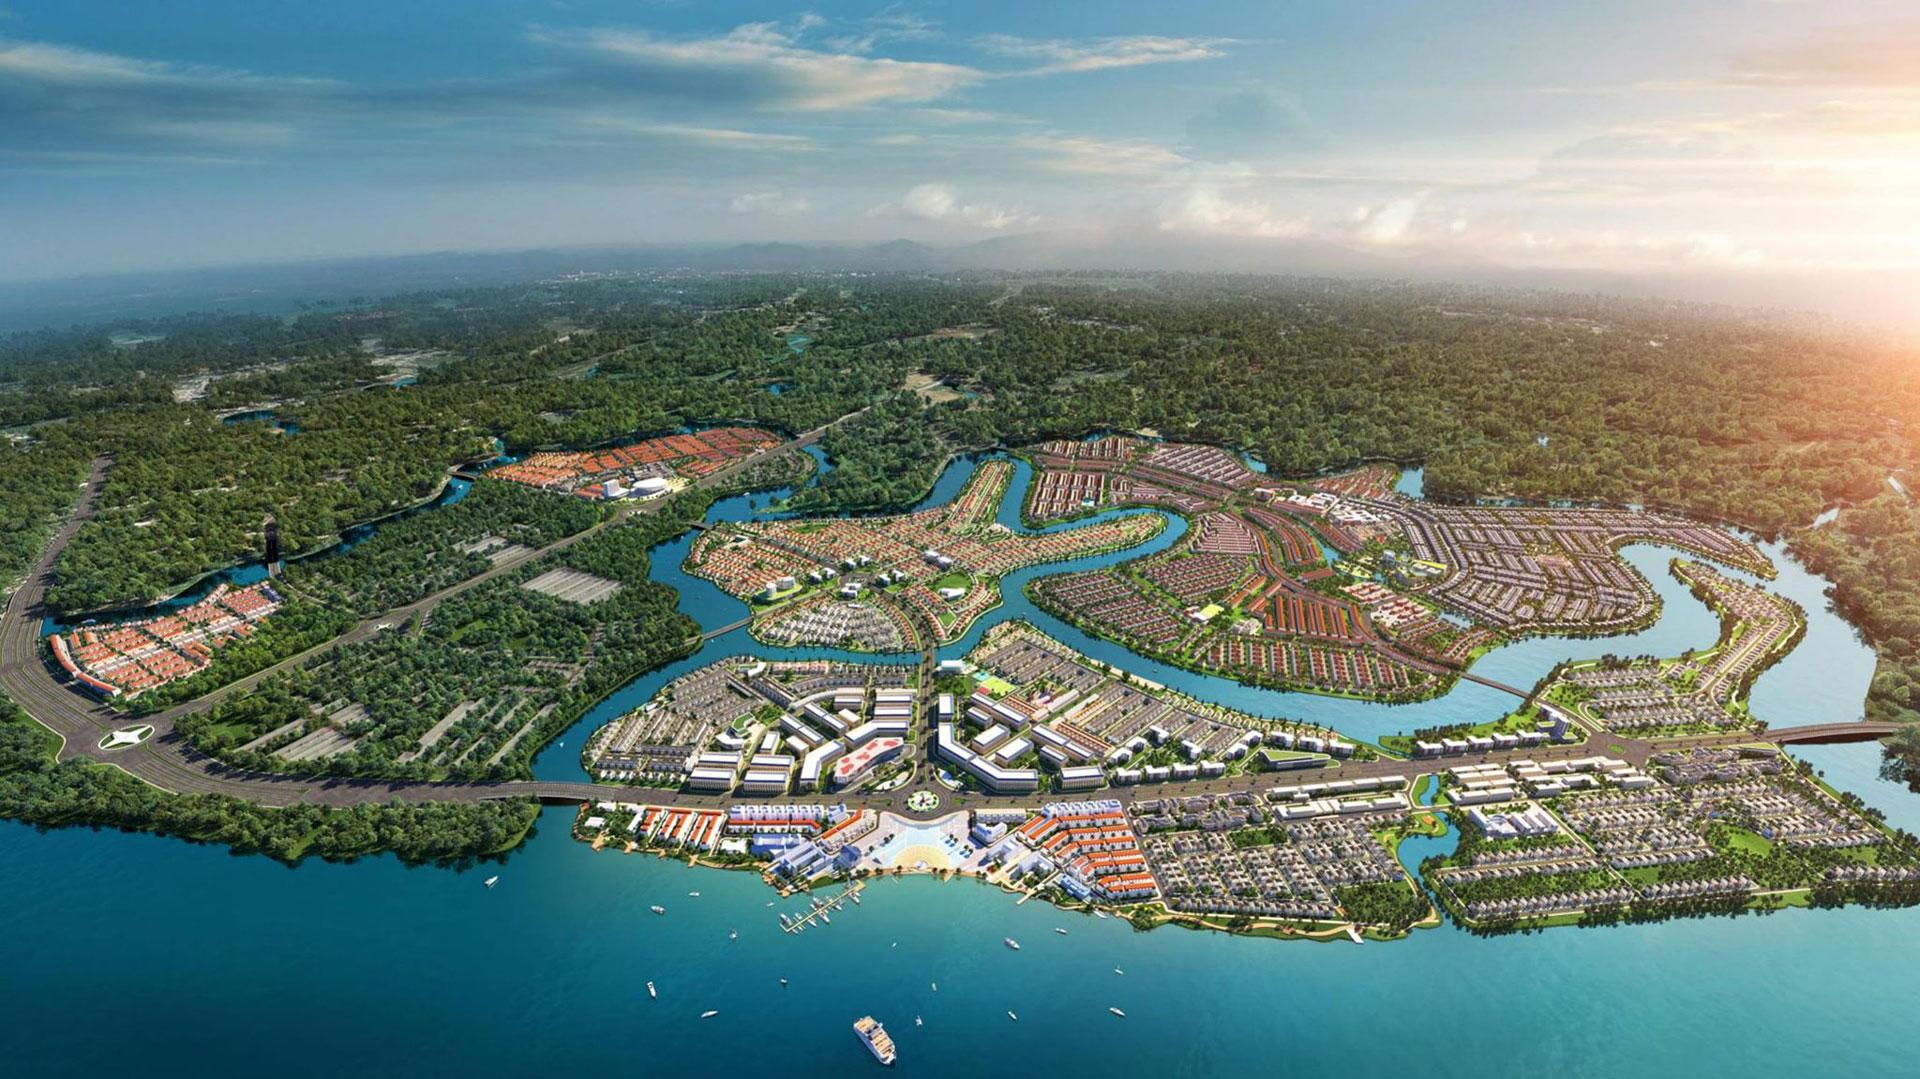 toan canh phan khu dao phuong hoang aqua city - ĐẢO PHƯỢNG HOÀNG PHOENIX ISLAND